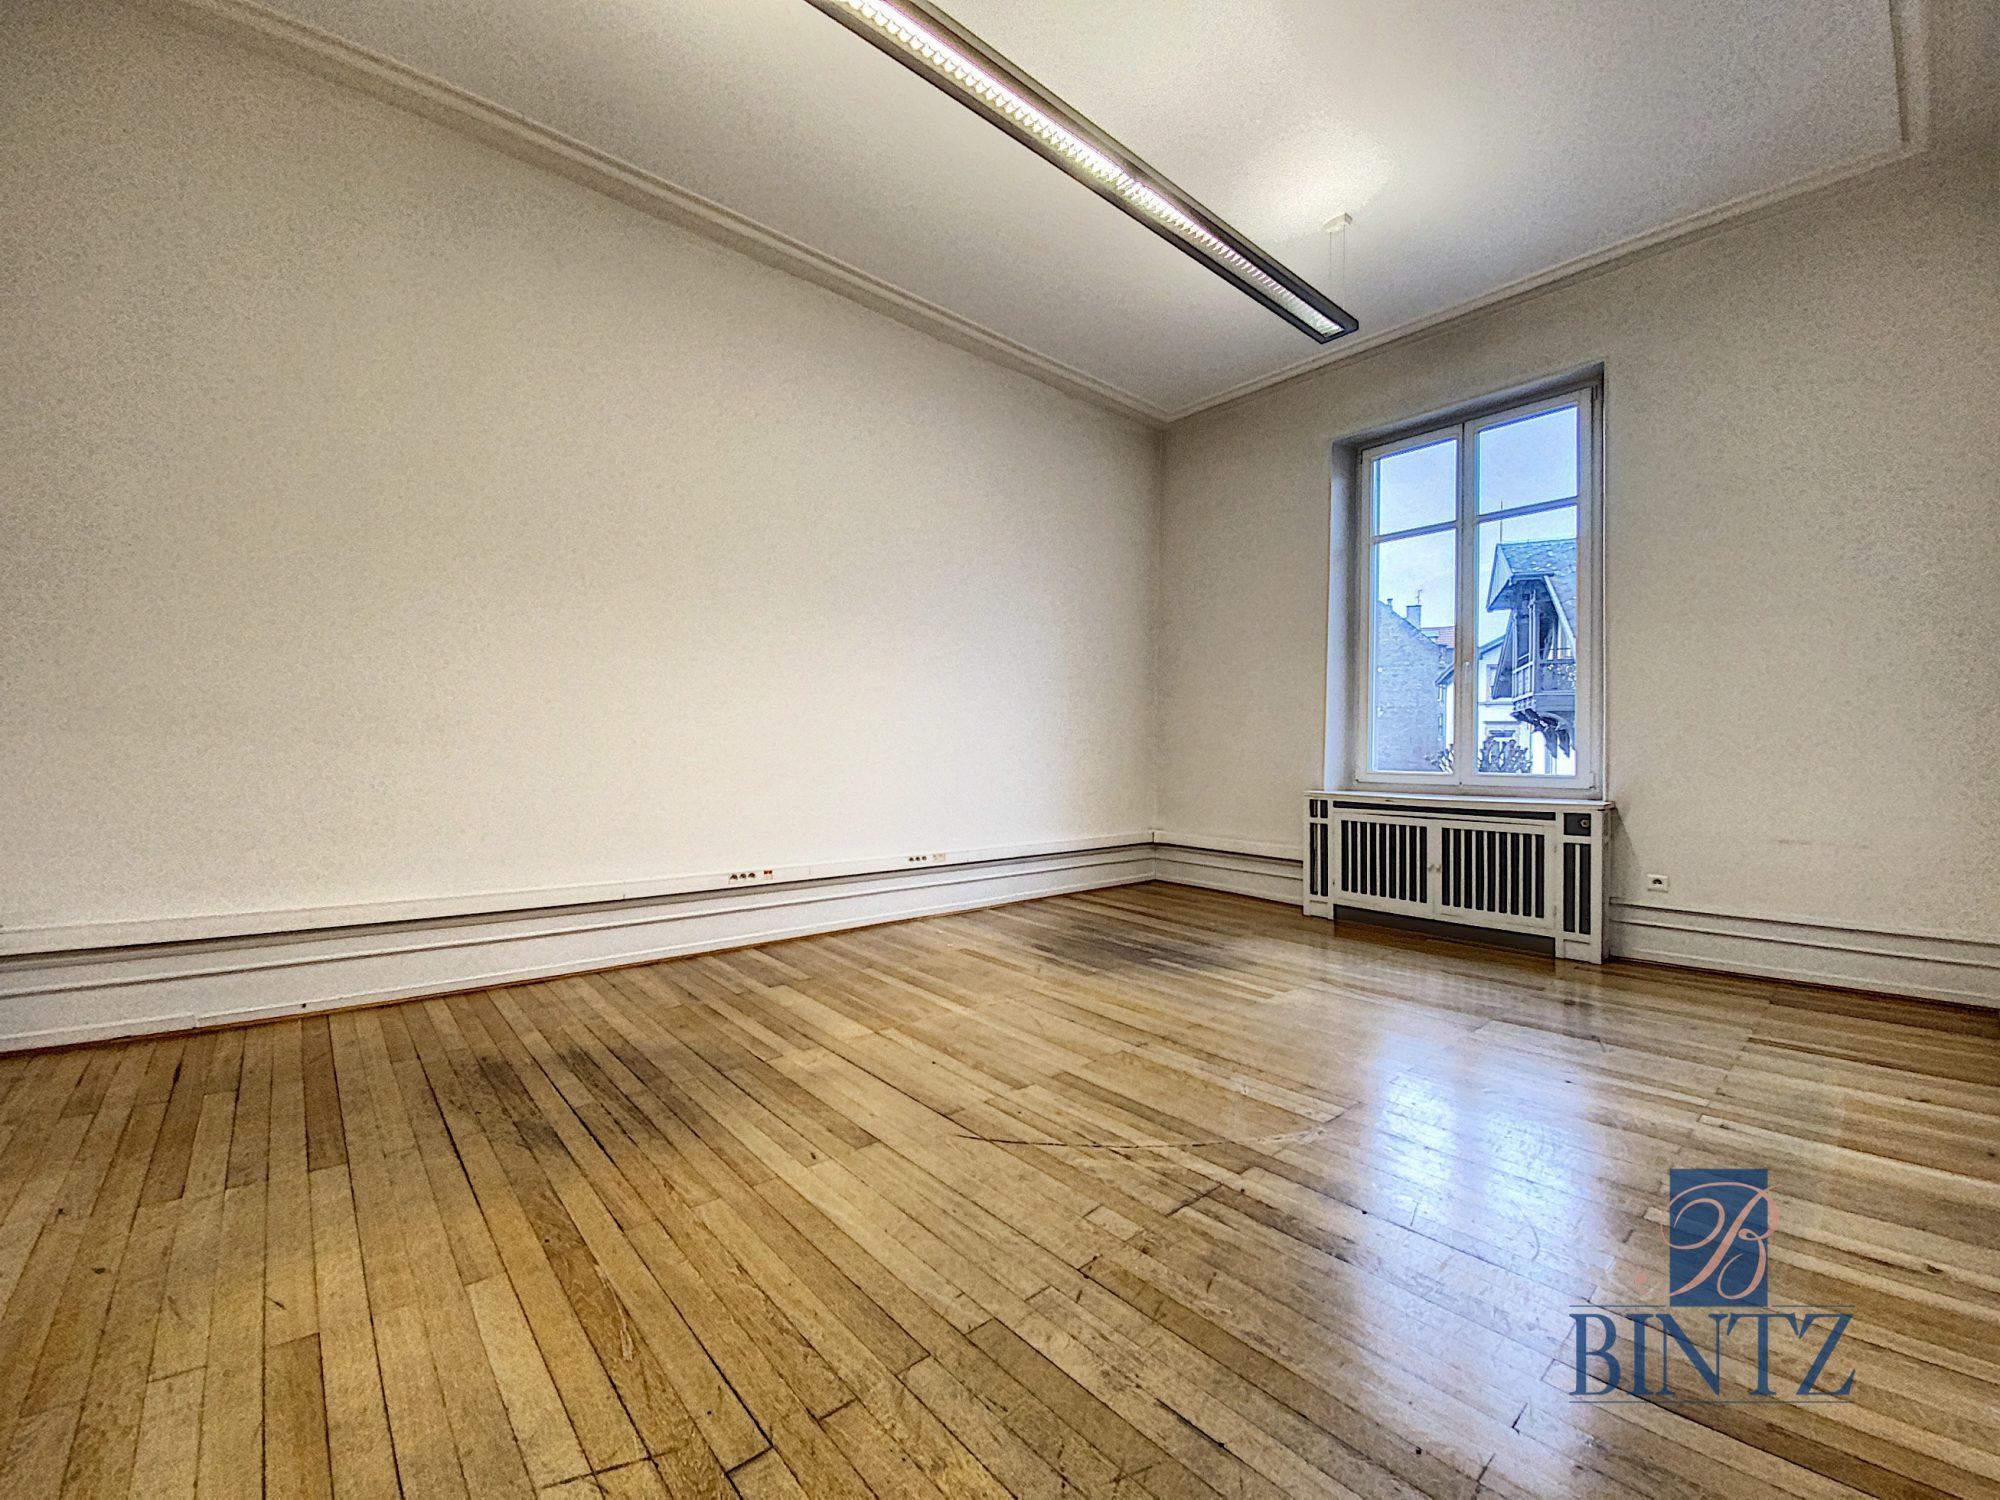 Immeuble de bureaux à louer - Devenez locataire en toute sérénité - Bintz Immobilier - 8